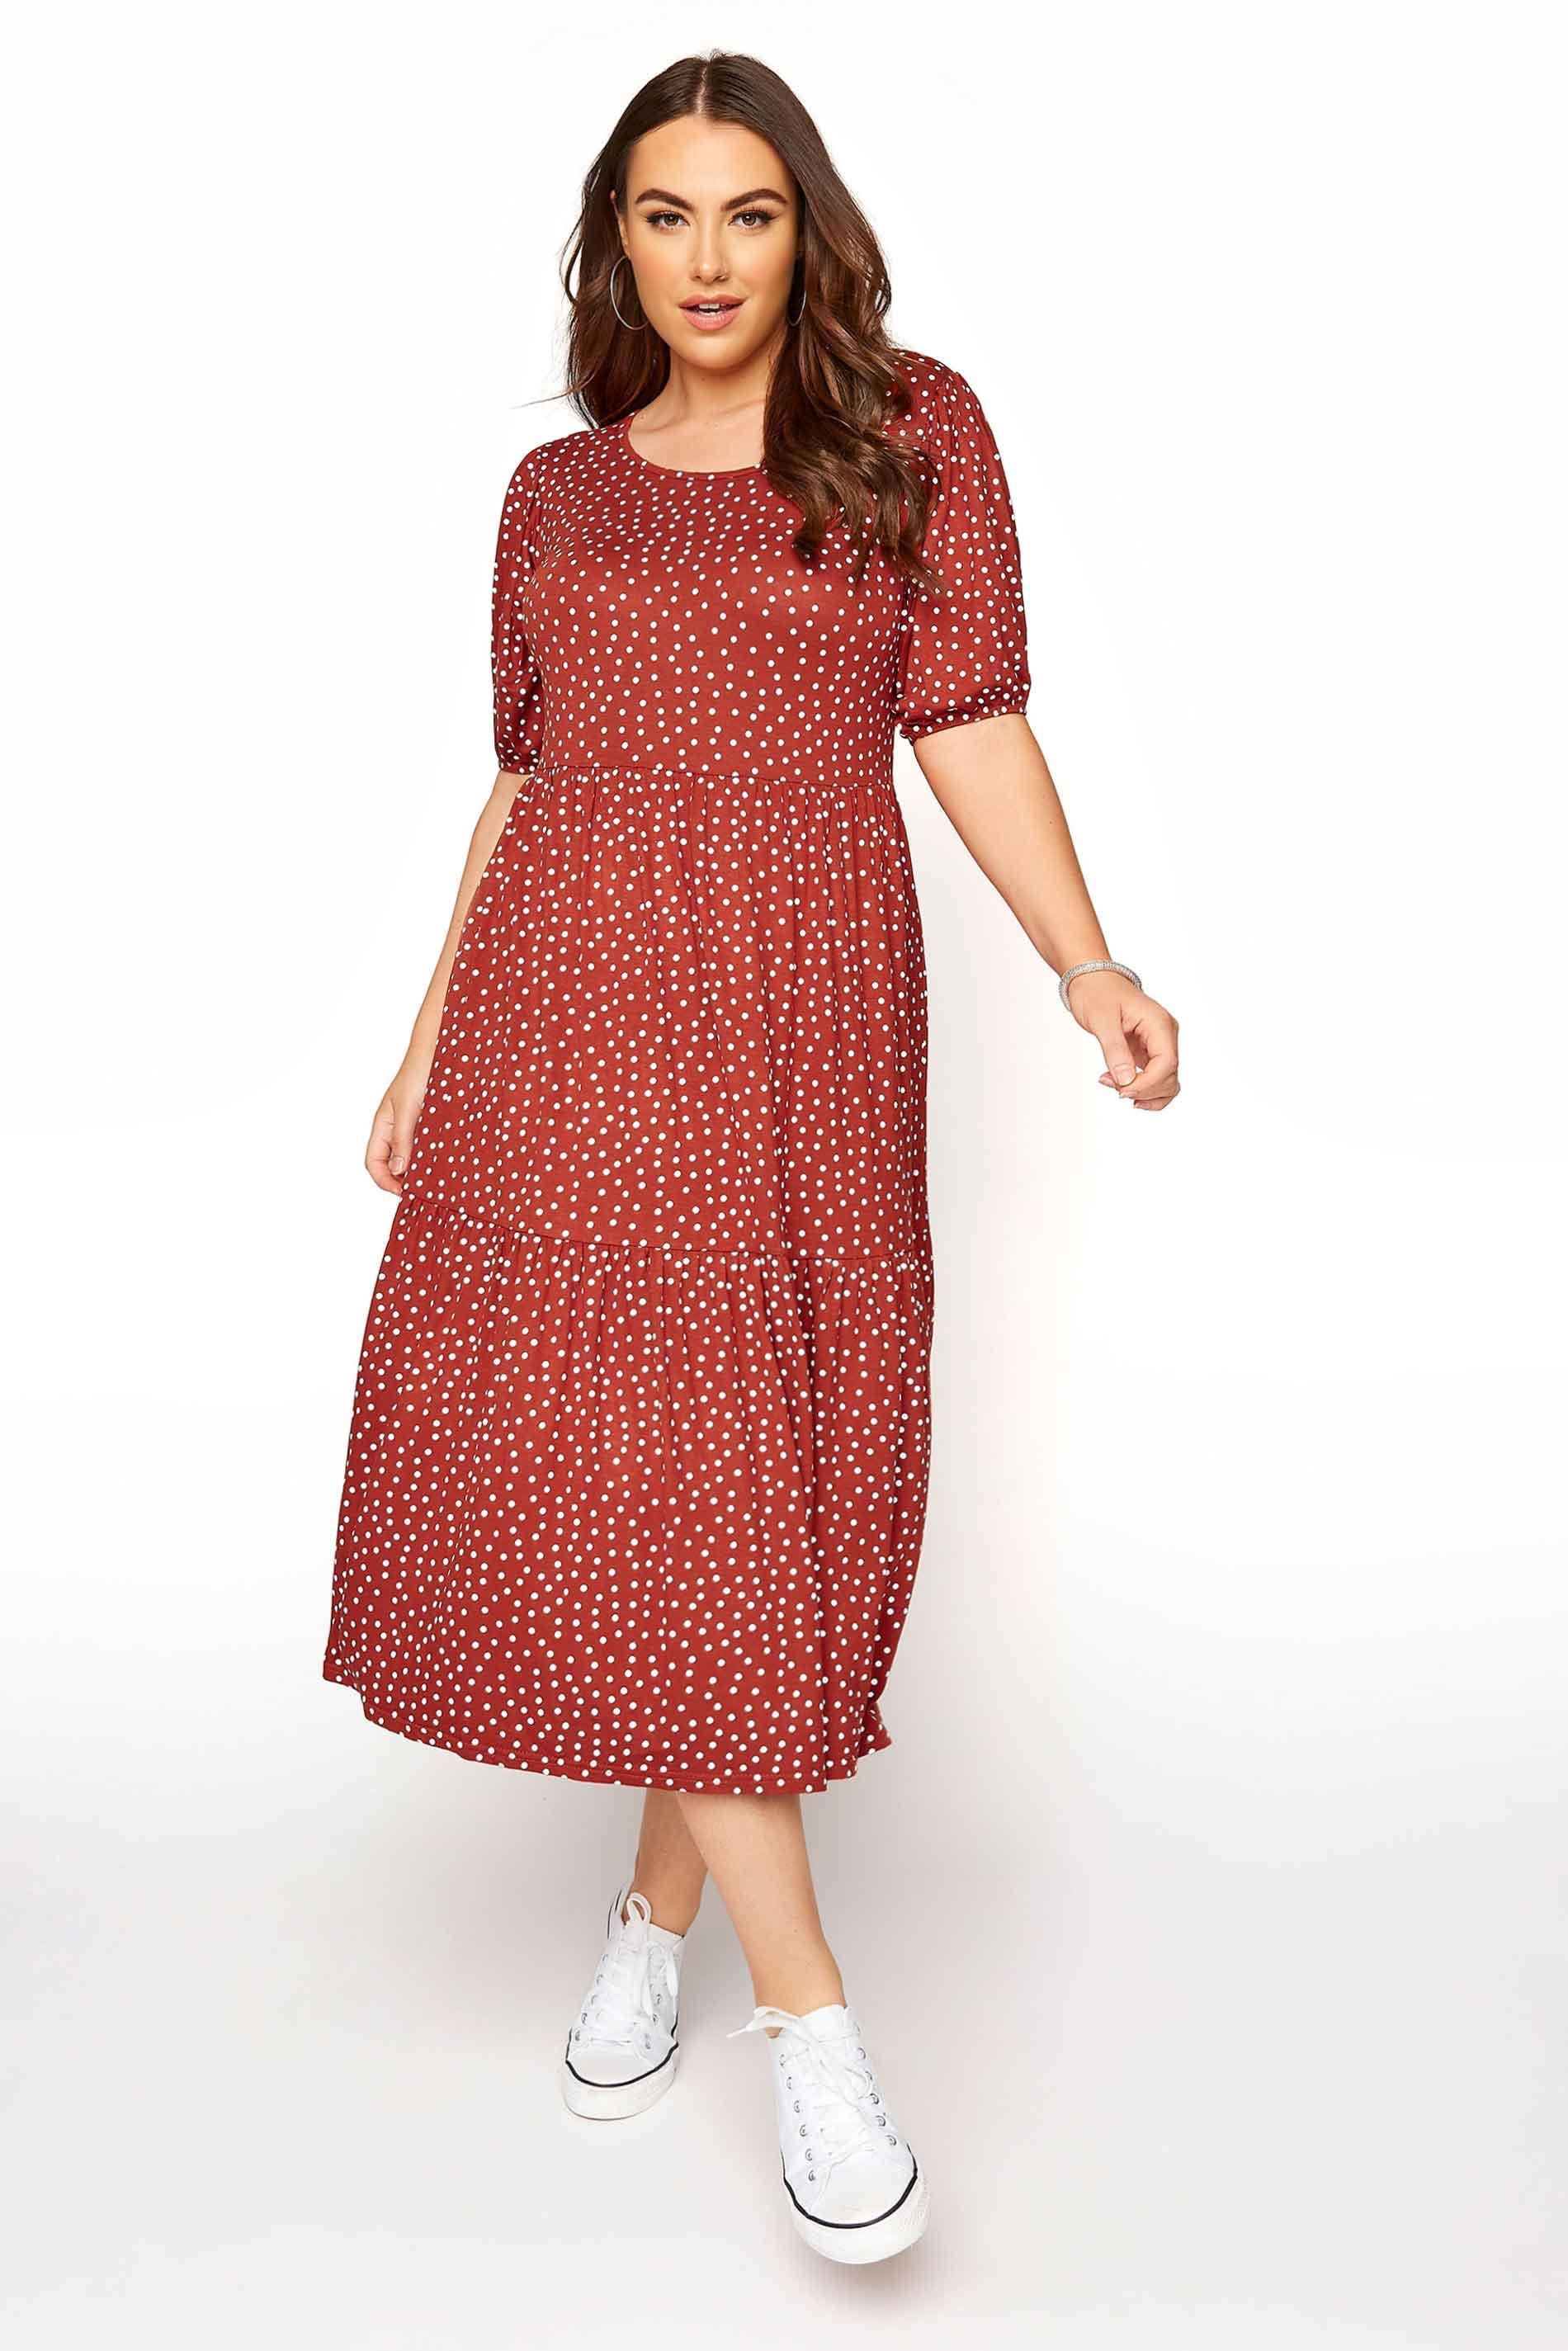 Rust Spot Print Puff Sleeve Midaxi Dress_d1da.jpg